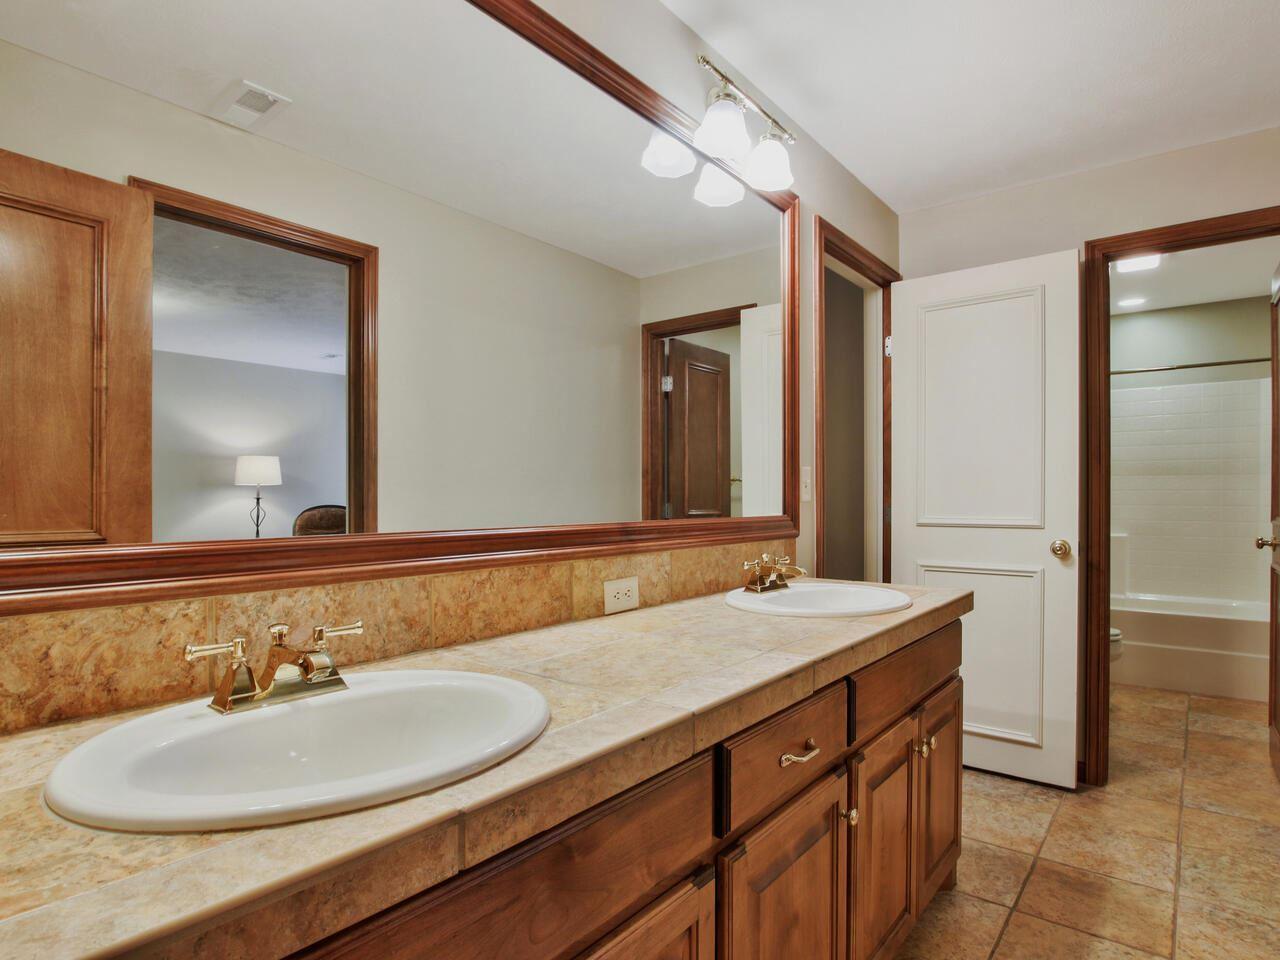 1814 N Red Brush St, Wichita, KS 67206